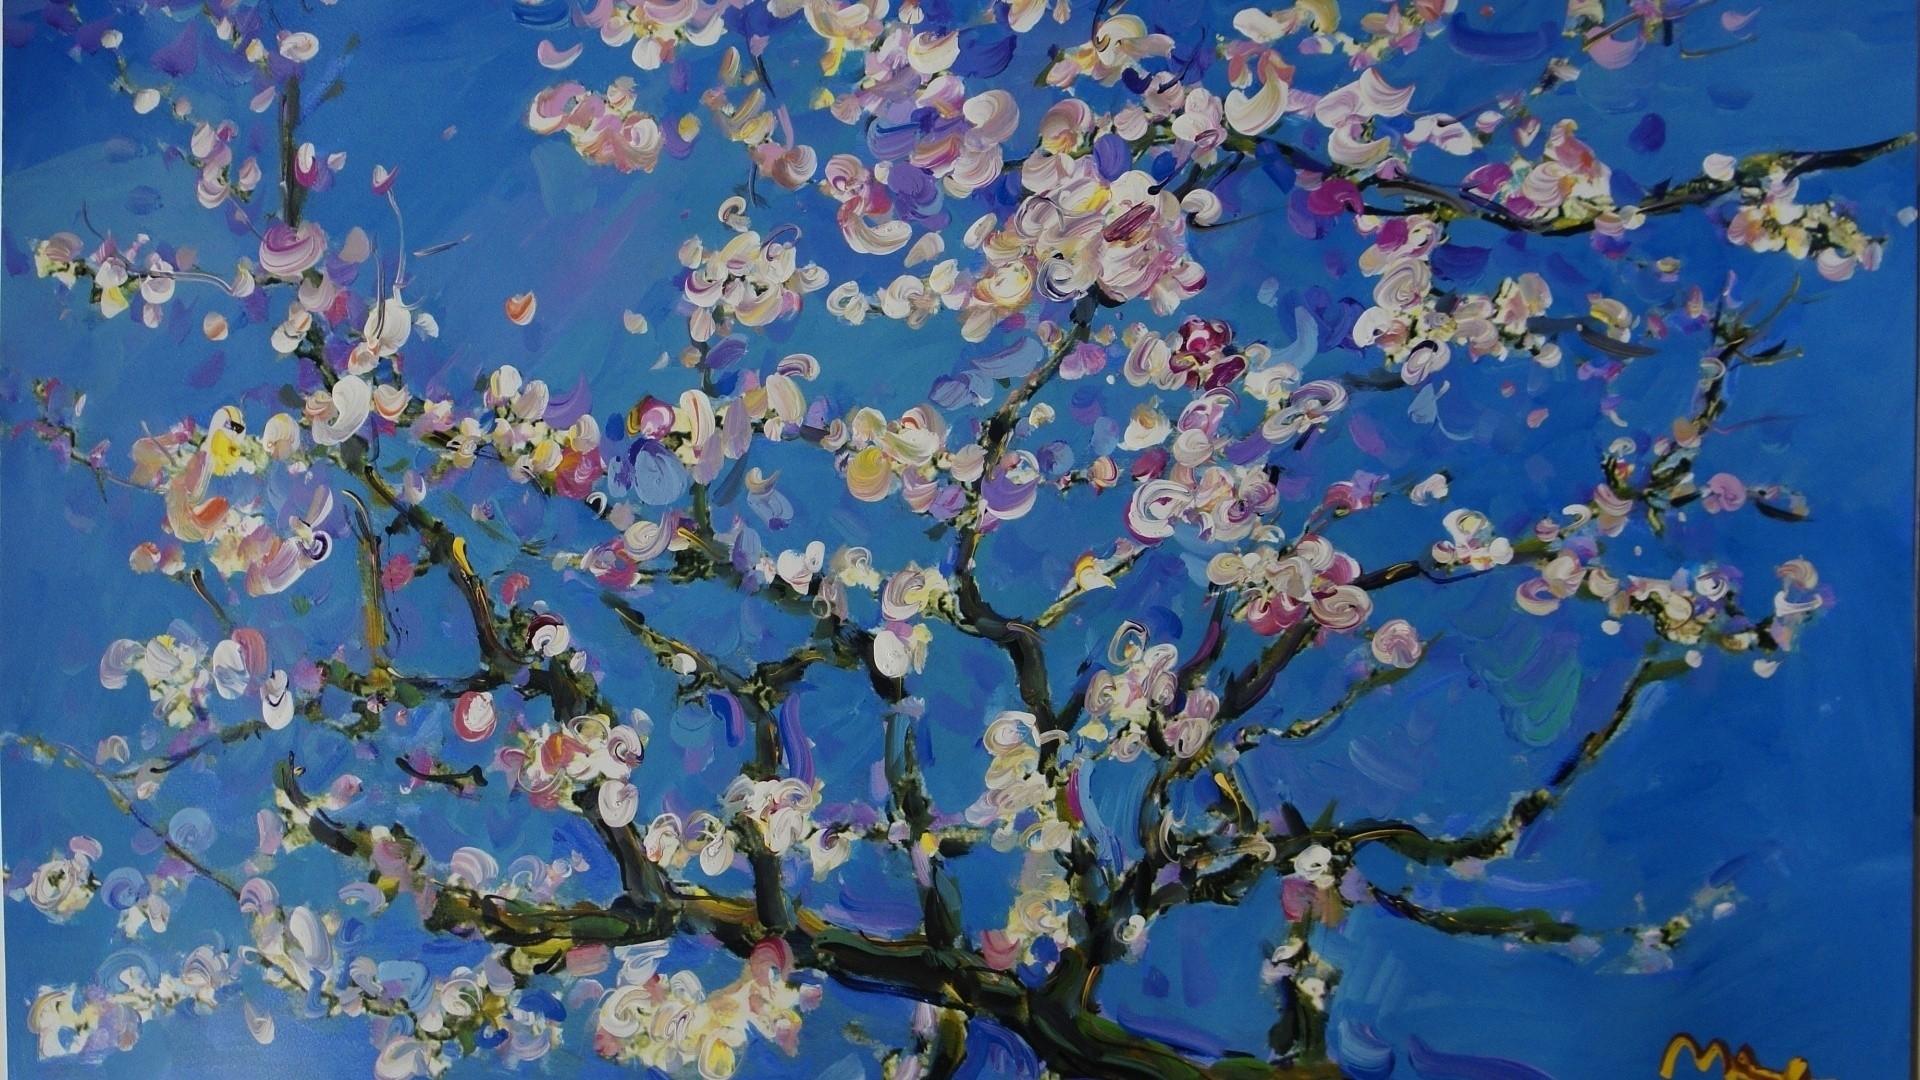 Van gogh desktop wallpaper 51 images - Vincent van gogh wallpaper ...